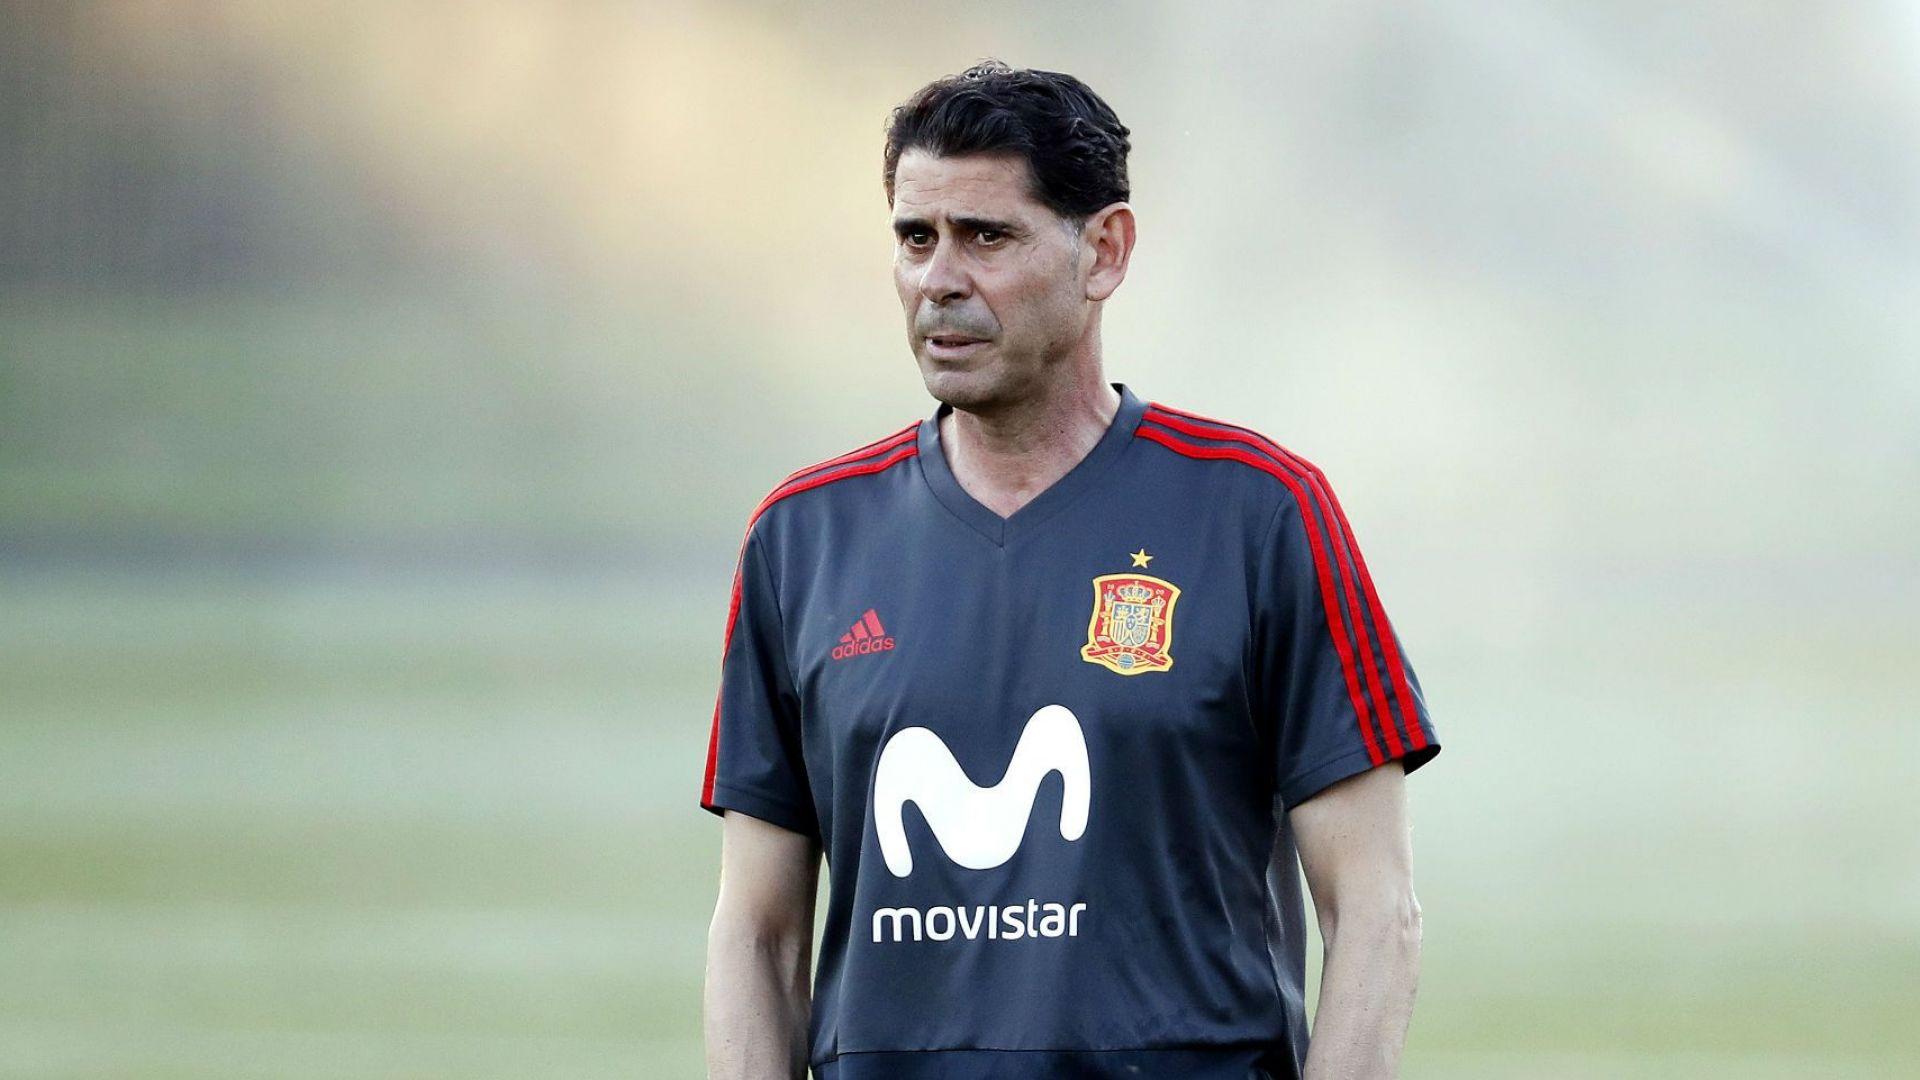 Йеро напусна испанската федерация, търси се селекционер